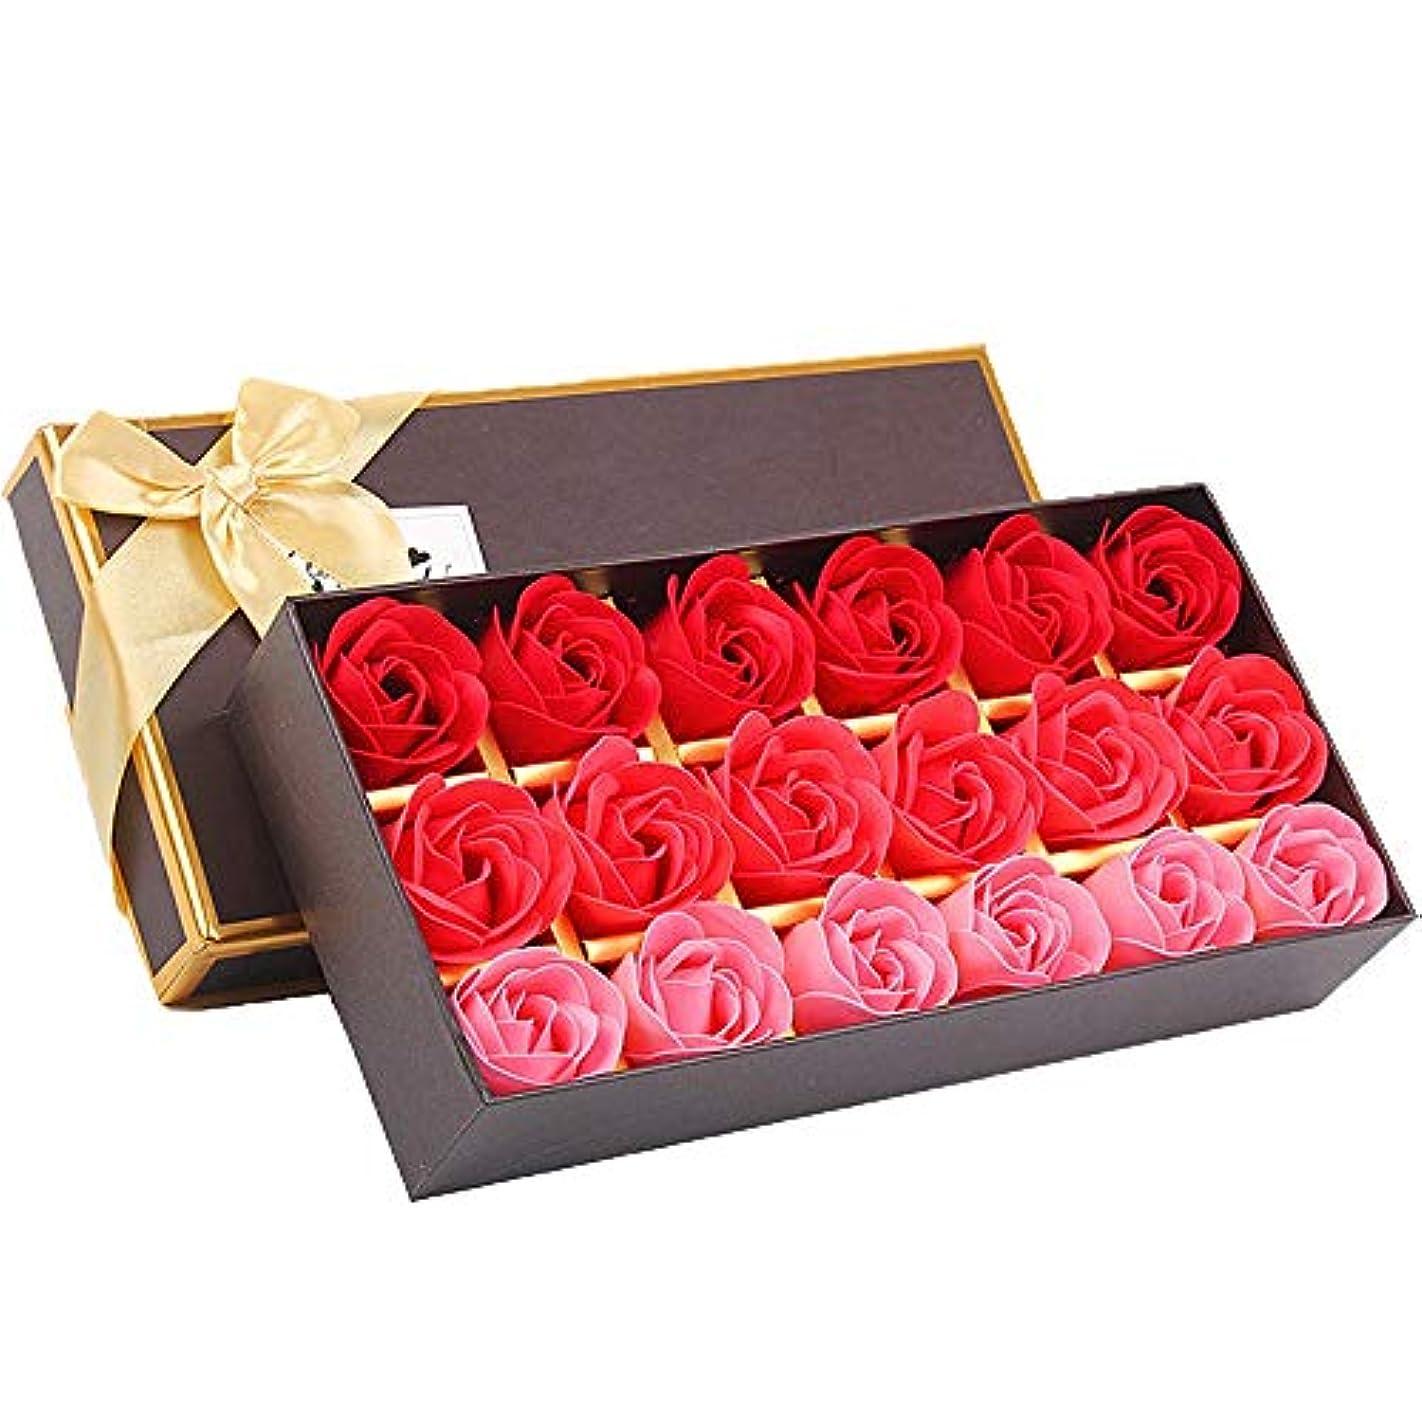 と遊ぶ気まぐれな服を着る18個の手作りのローズの香りのバスソープの花びら香りのバスソープは、ギフトボックスの花びらをバラ (色 : 赤)